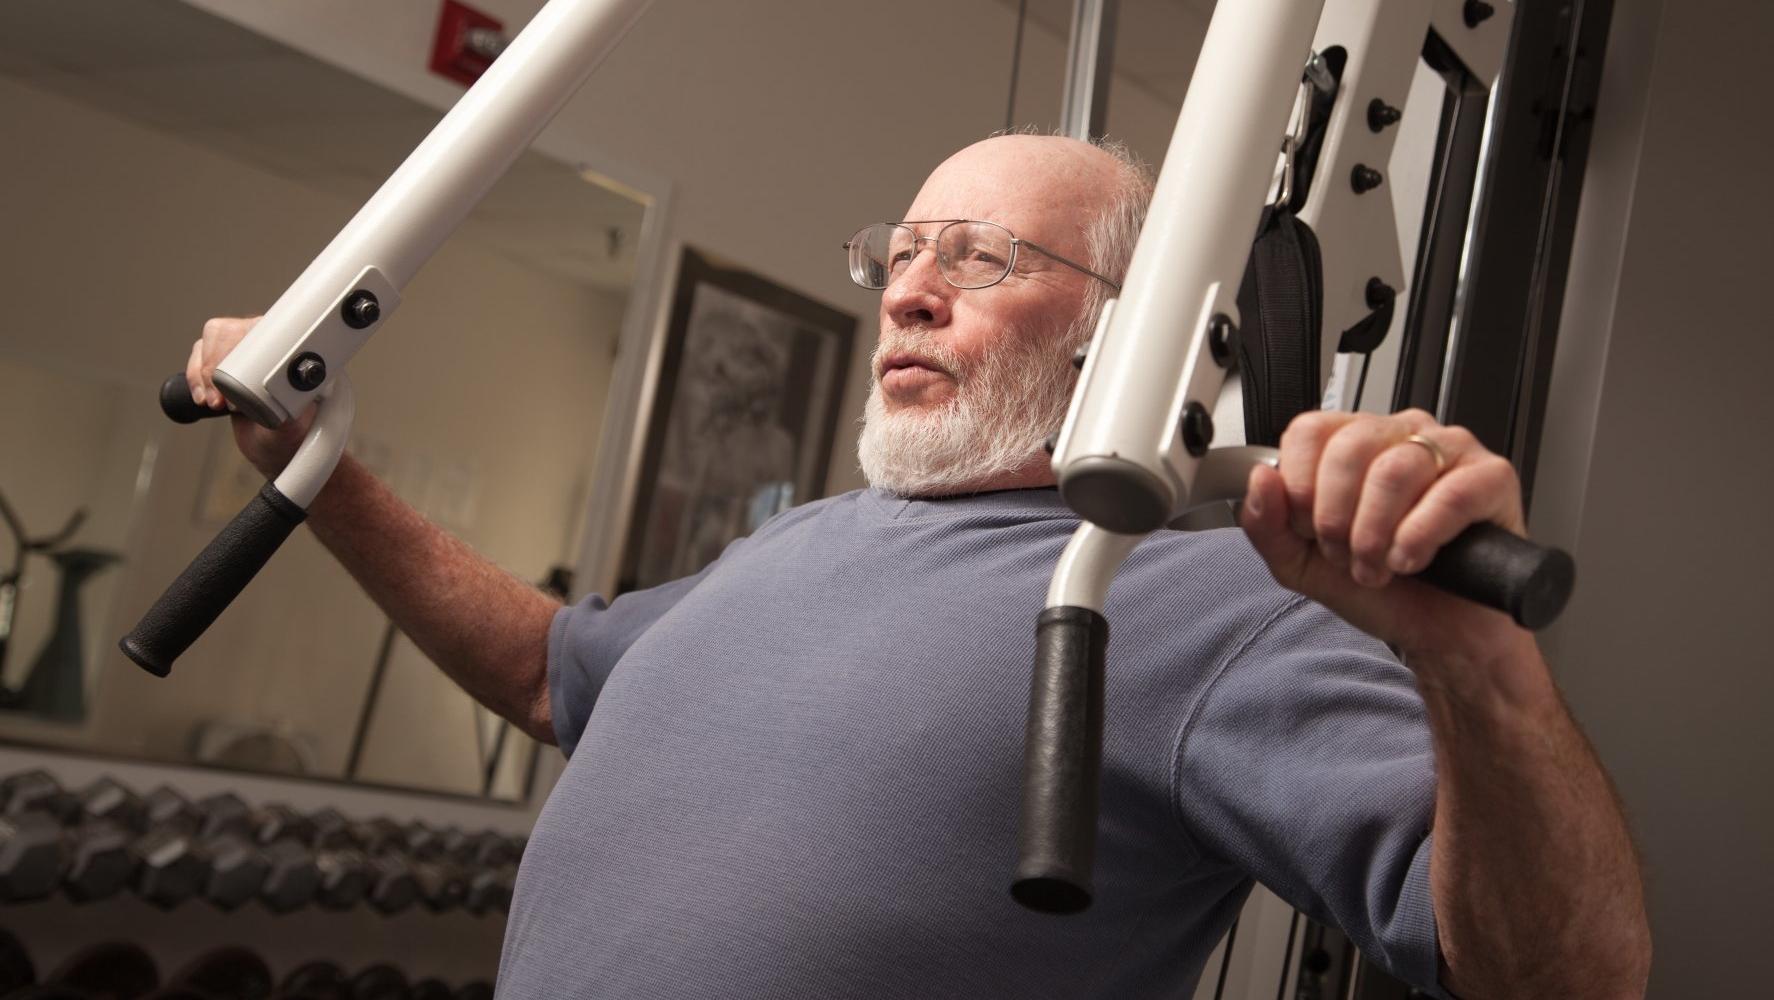 Продлевающий жизнь белок поможет как можно дольше сберечь здоровье